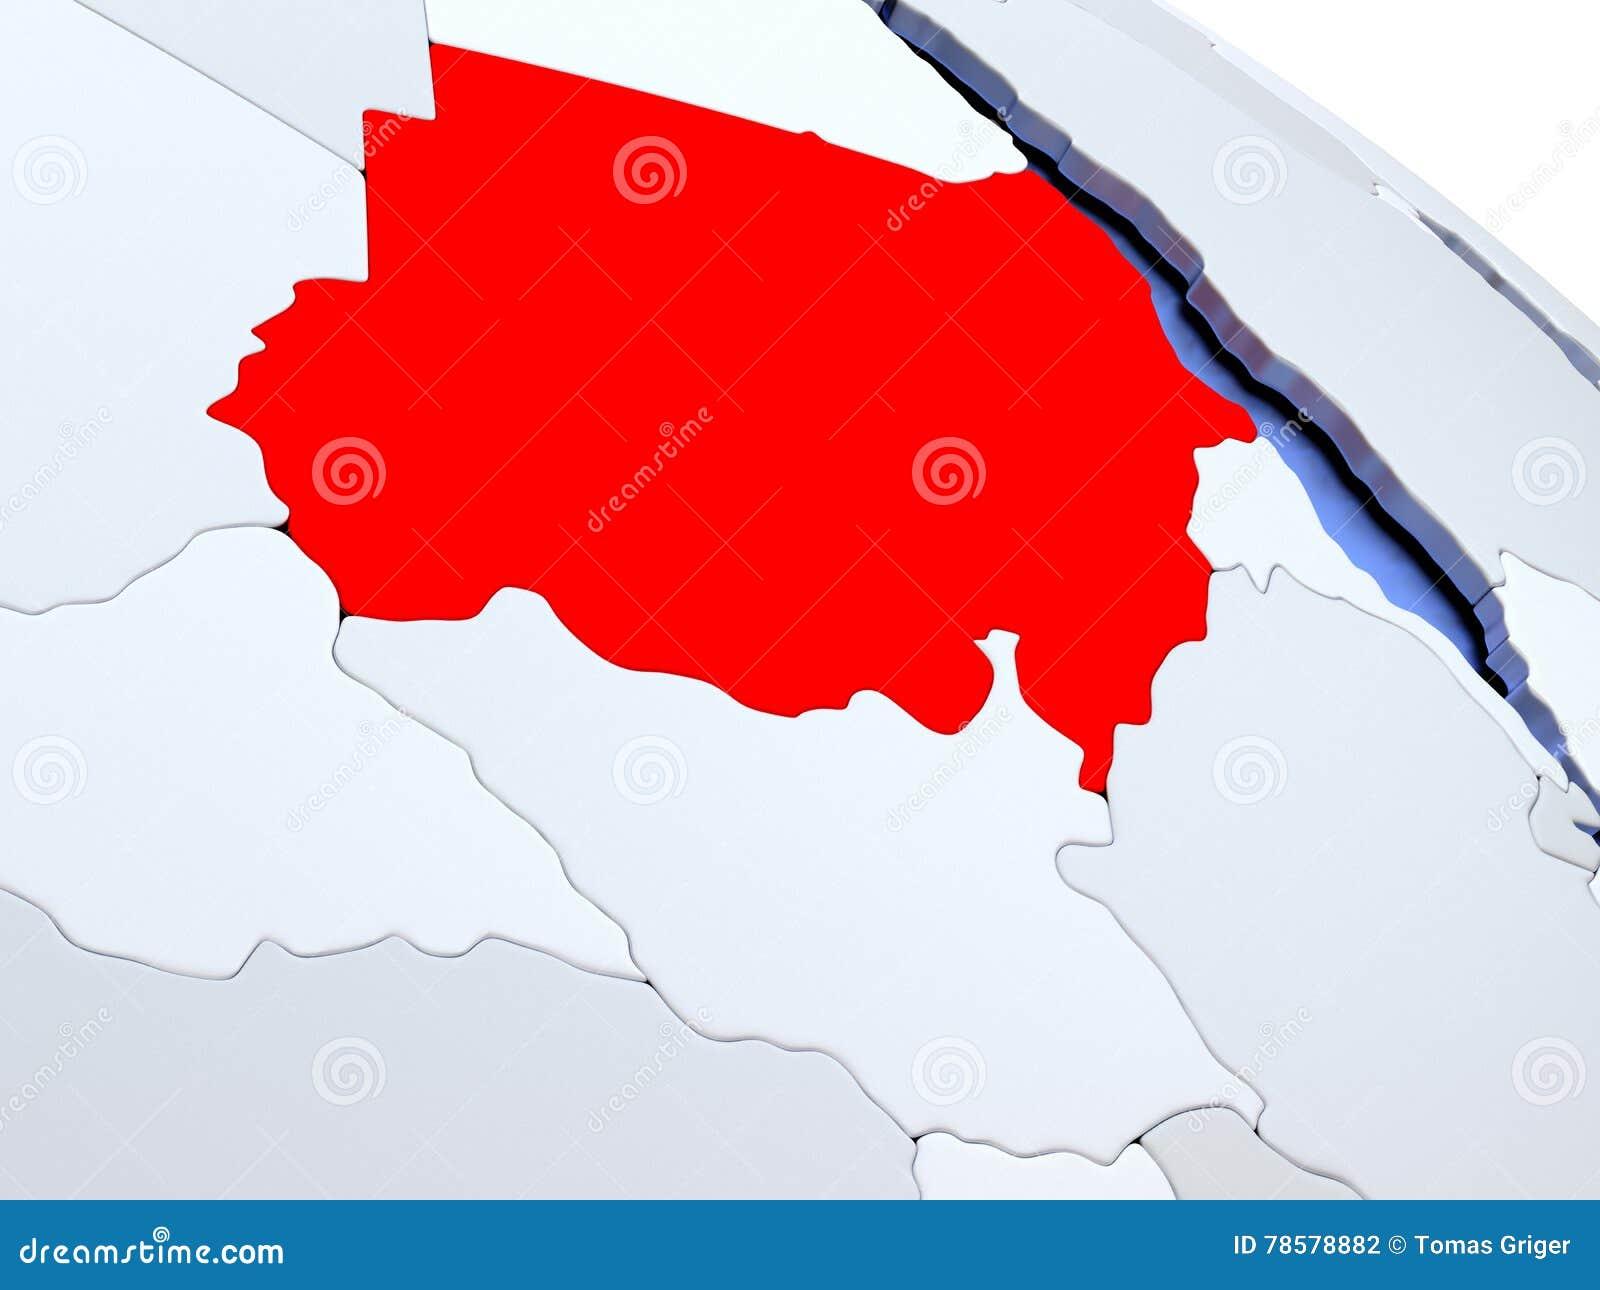 Sudan On World Map Stock Illustration Illustration Of Region 78578882